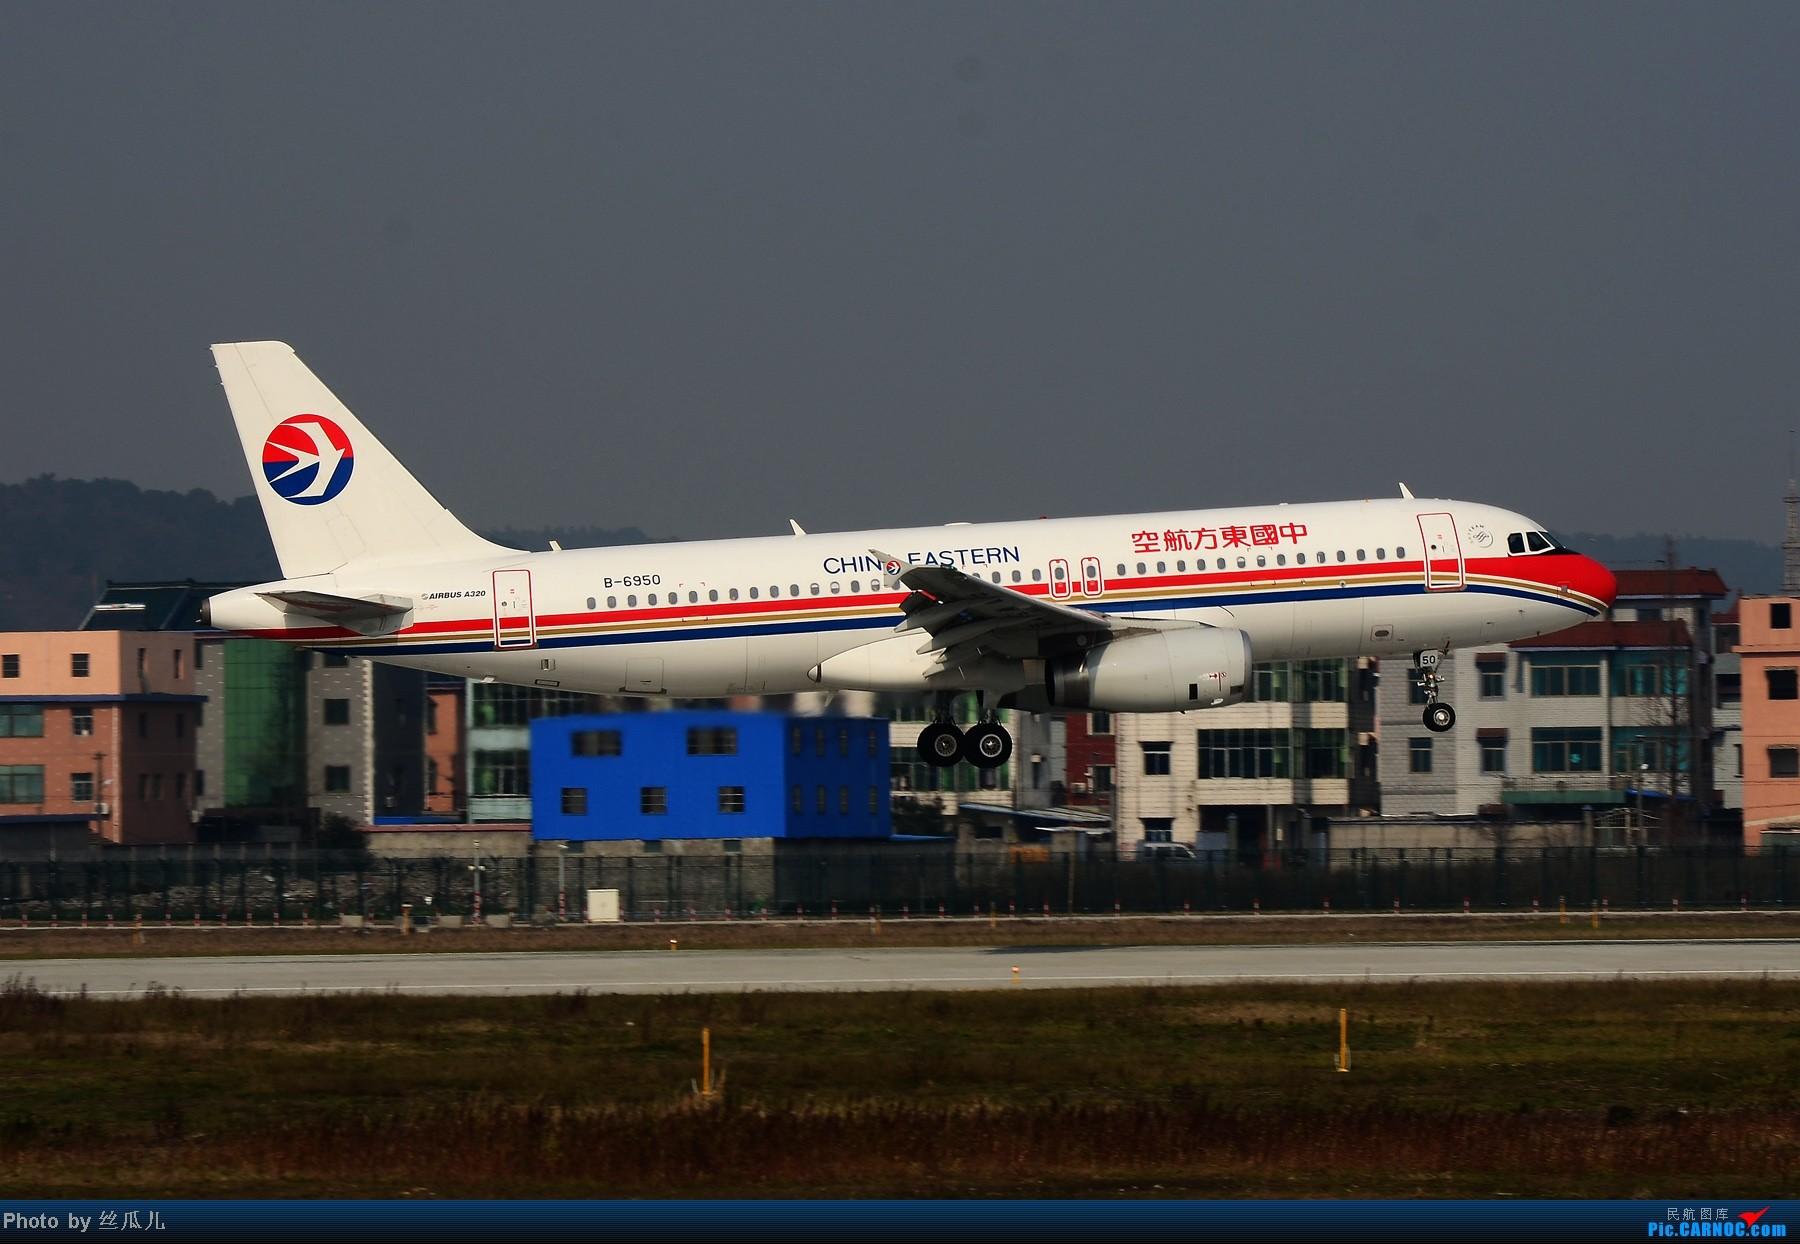 Re:【HGH二跑】话说如今的二跑有了制高点--趁今天雾霾好转一点赶紧去练练甩腰--今日中午二跑拍机一小时全记录 AIRBUS A320-200 B-6950 中国杭州萧山机场